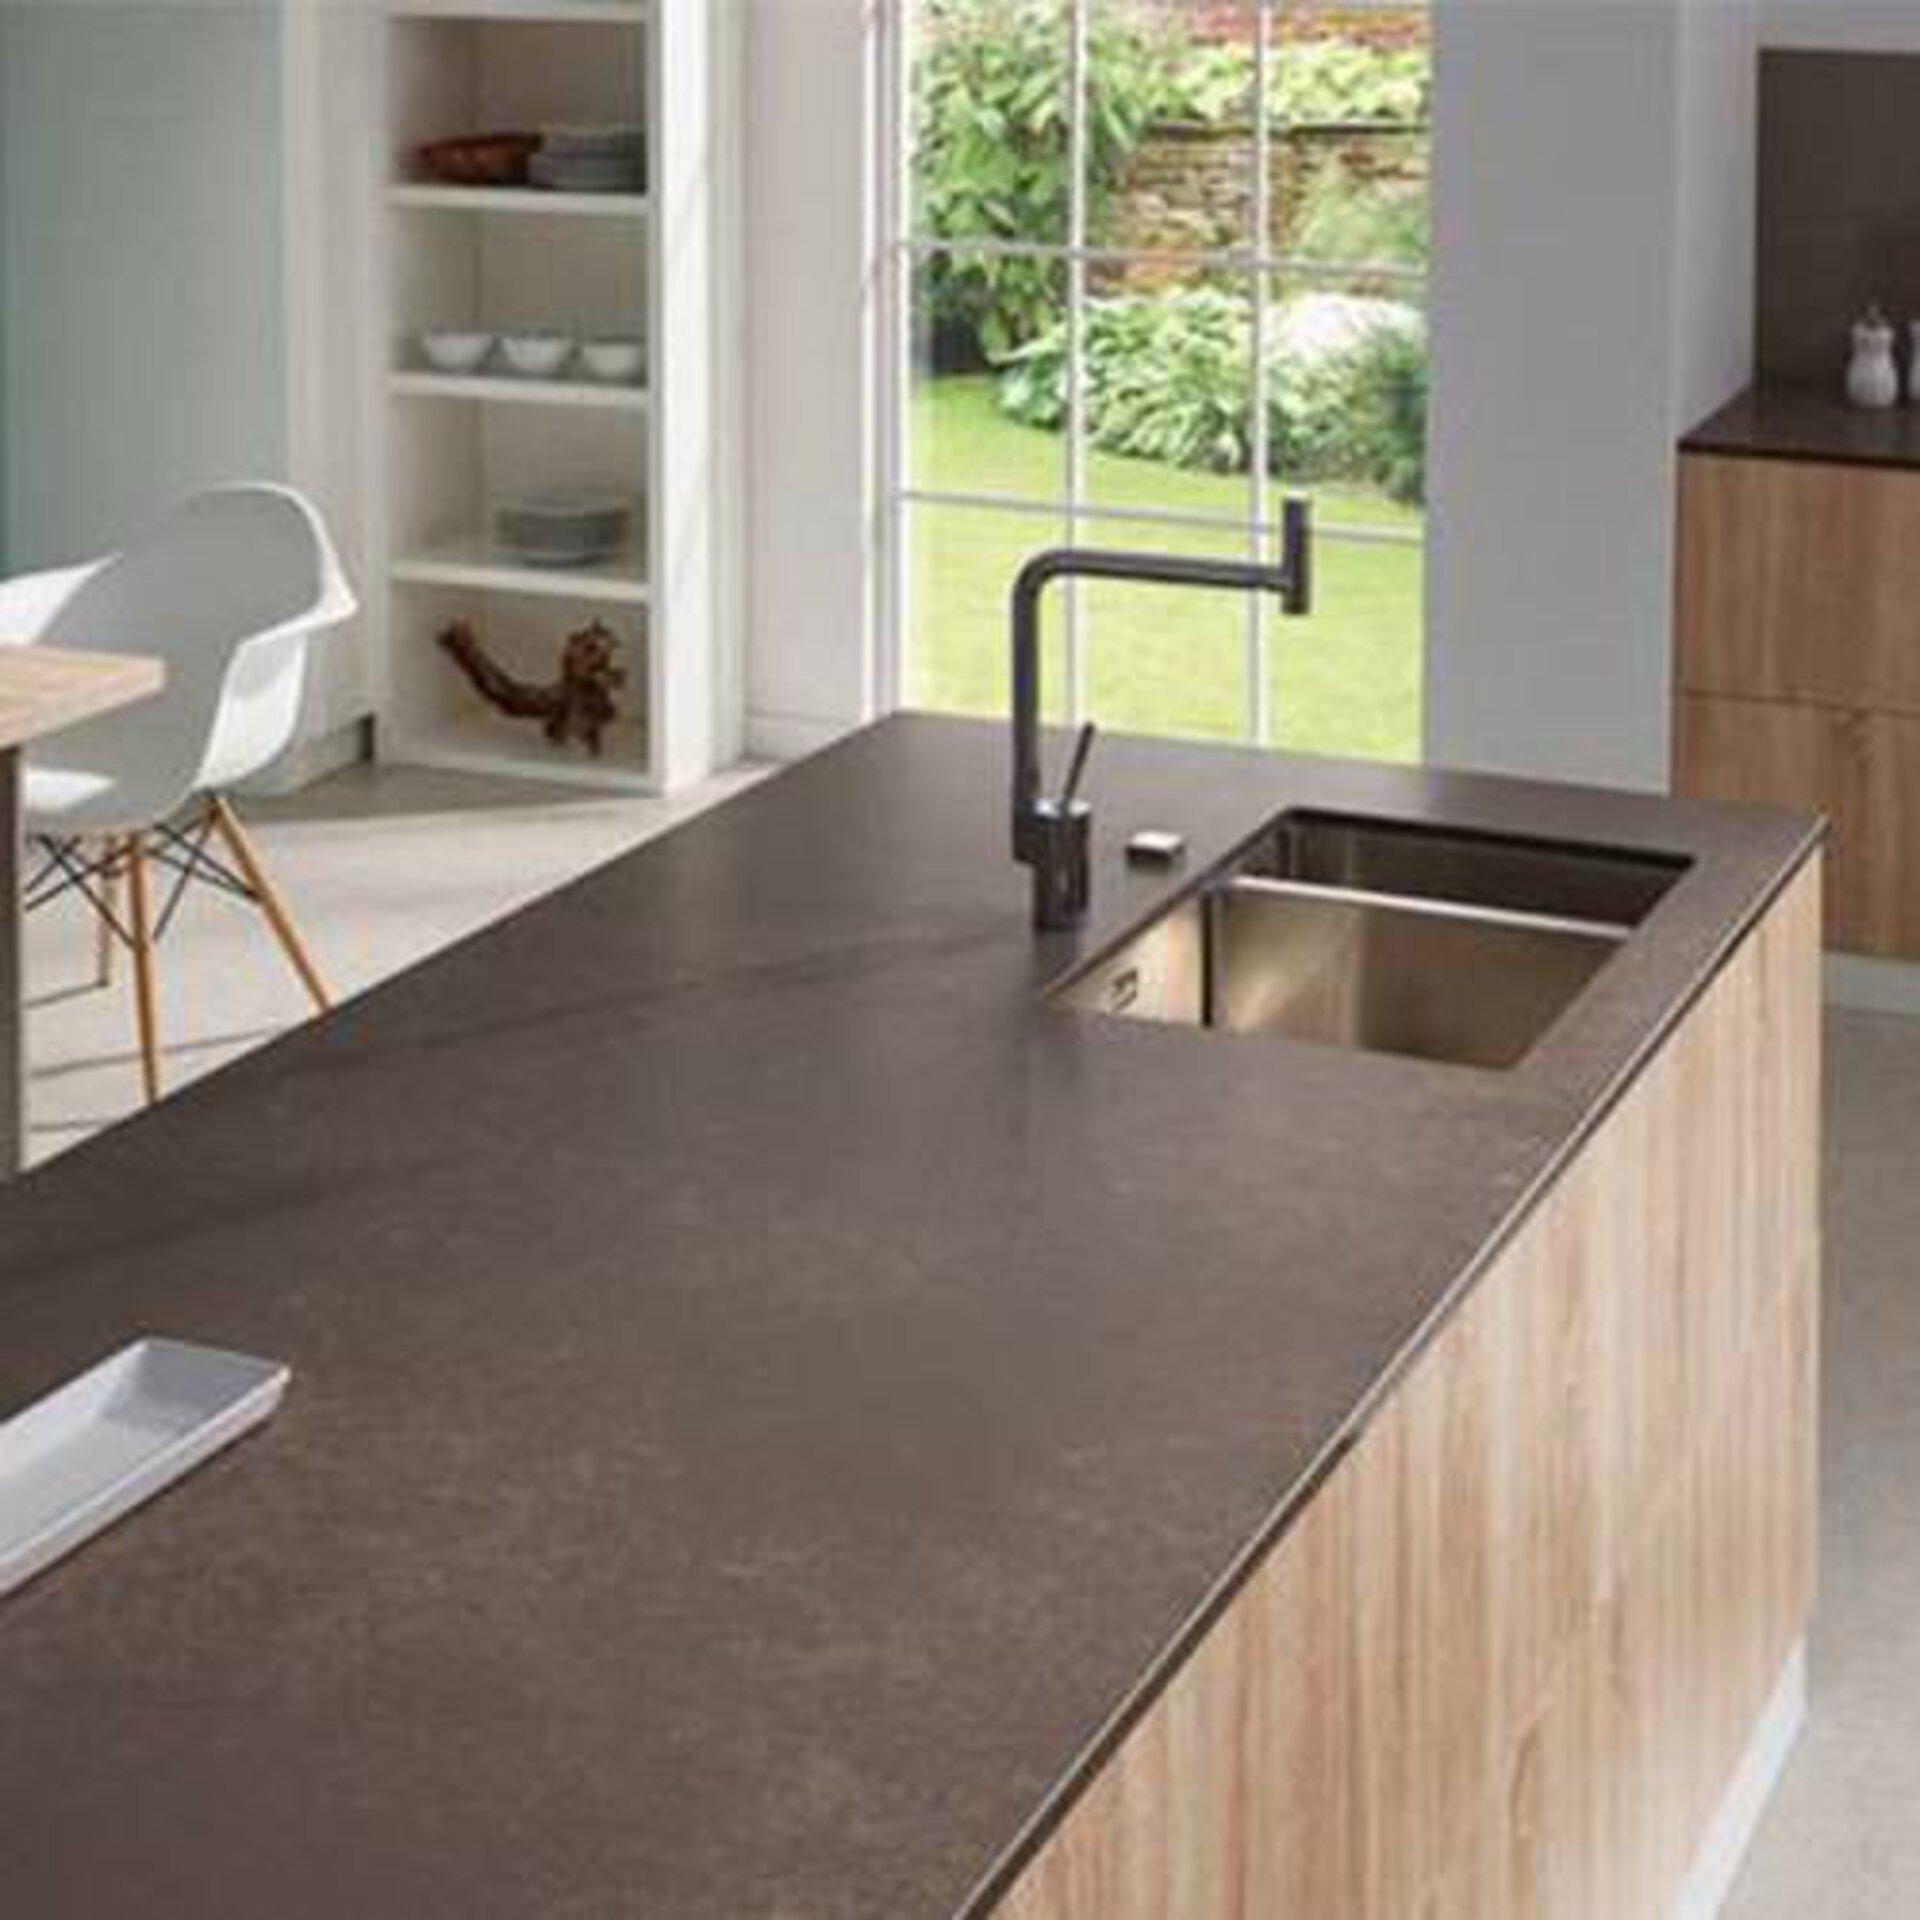 Millieubild zu Arbeitsplatten aus Kunststein. Zu sehen ist eine lange Kücheninsel mit eingelassener Spüle und bronze farbener Kunststeinarbeitsplatte.